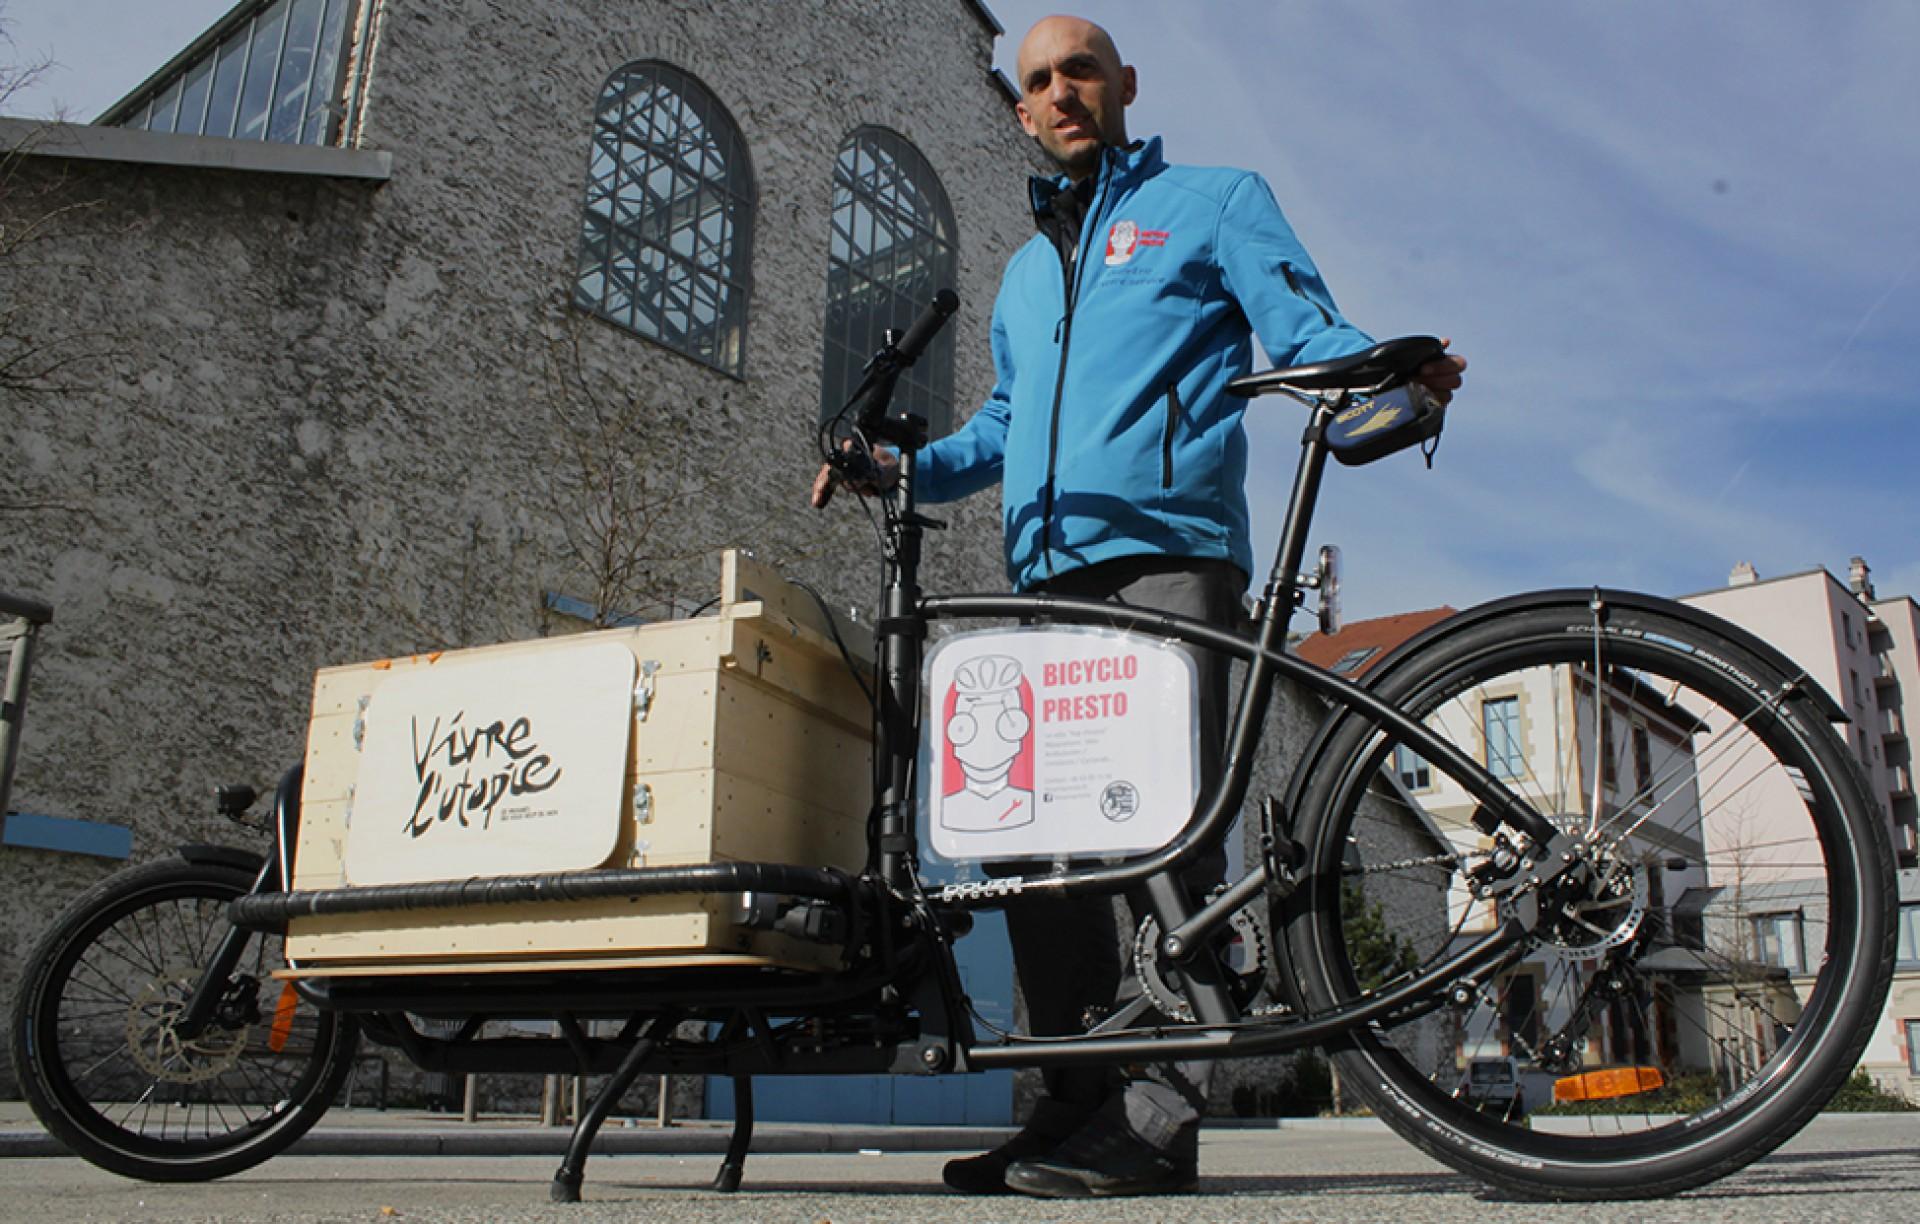 Bicyclopresto : entretien réparation livraison vélo, vae